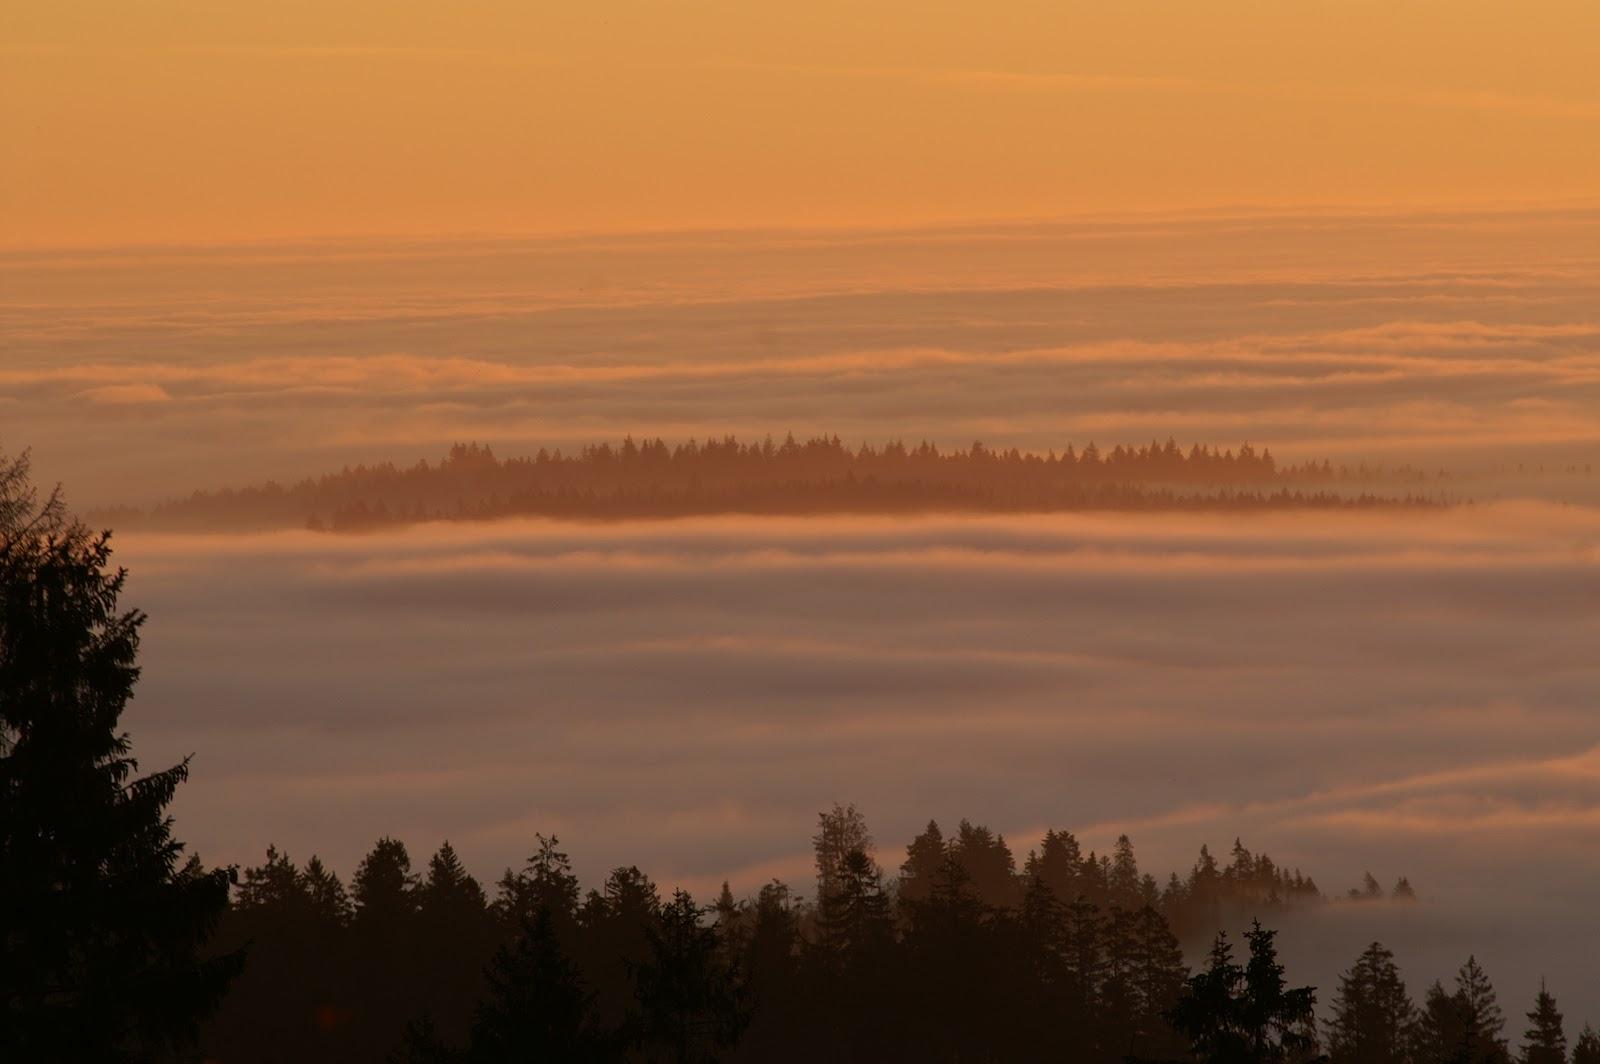 Sonnenuntergang in neuweiler im Nördlichen Schwarzwald erleben vom Landhotel Talblick aus